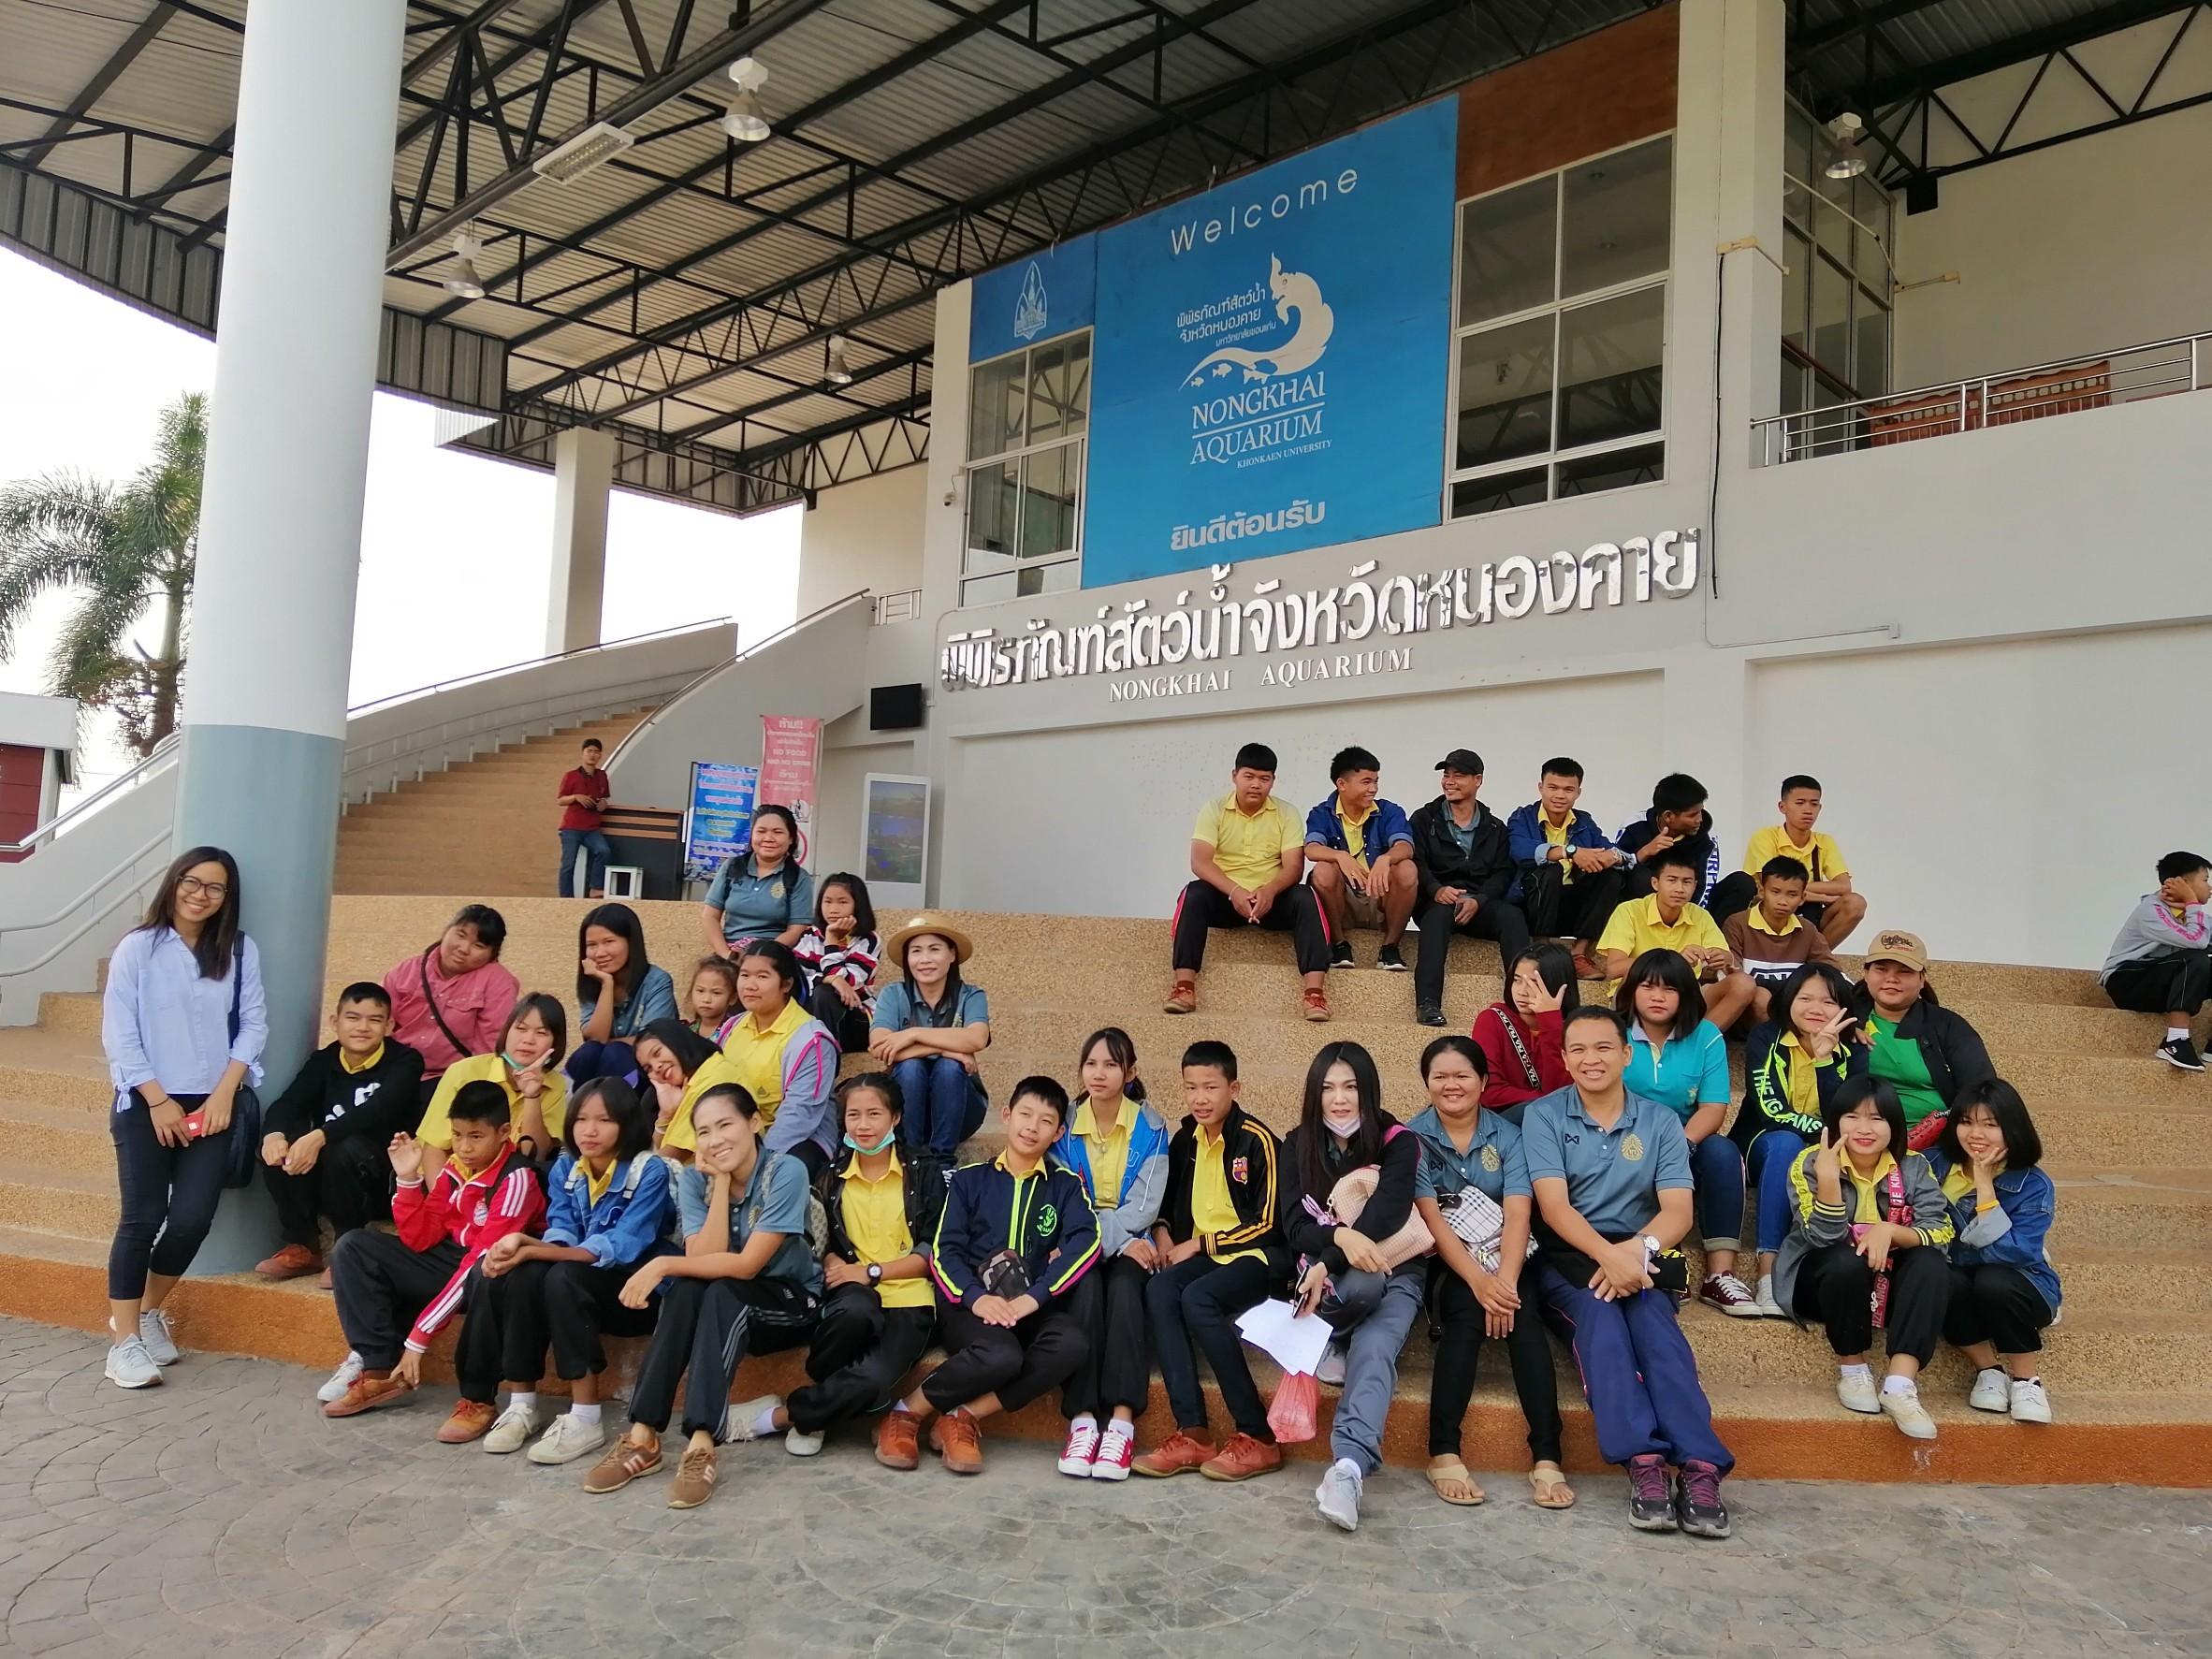 วันที่ 12 มีนาคม พ.ศ.2562 คณะครูและนักเรียน โรงเรียนหัวหินวัฒนาลัยจัดกิจกรรมทัศนศึกษาแหล่งเรียนรู้ภายนอกสถานที่ ณ จังหวัดหนองคาย